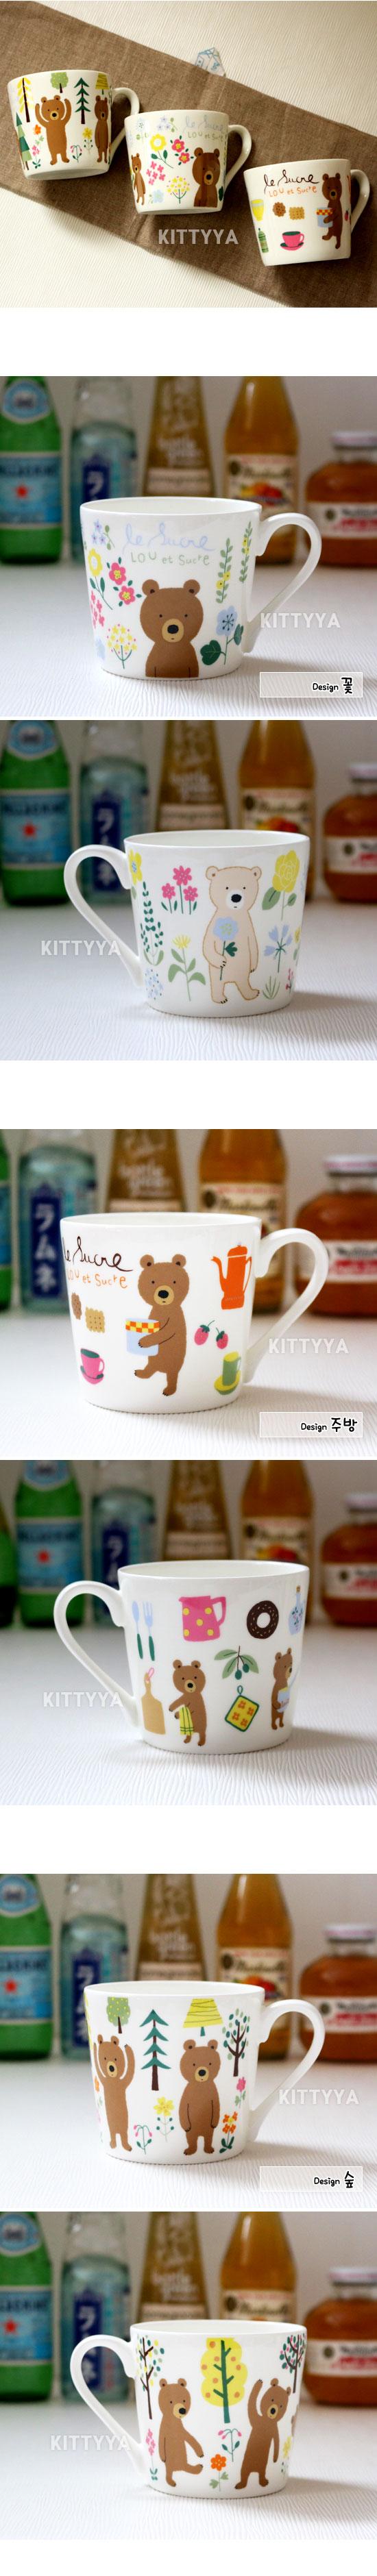 르 슈크레 LOU 도기 머그 (3design) - 키티야, 20,720원, 머그컵, 일러스트머그